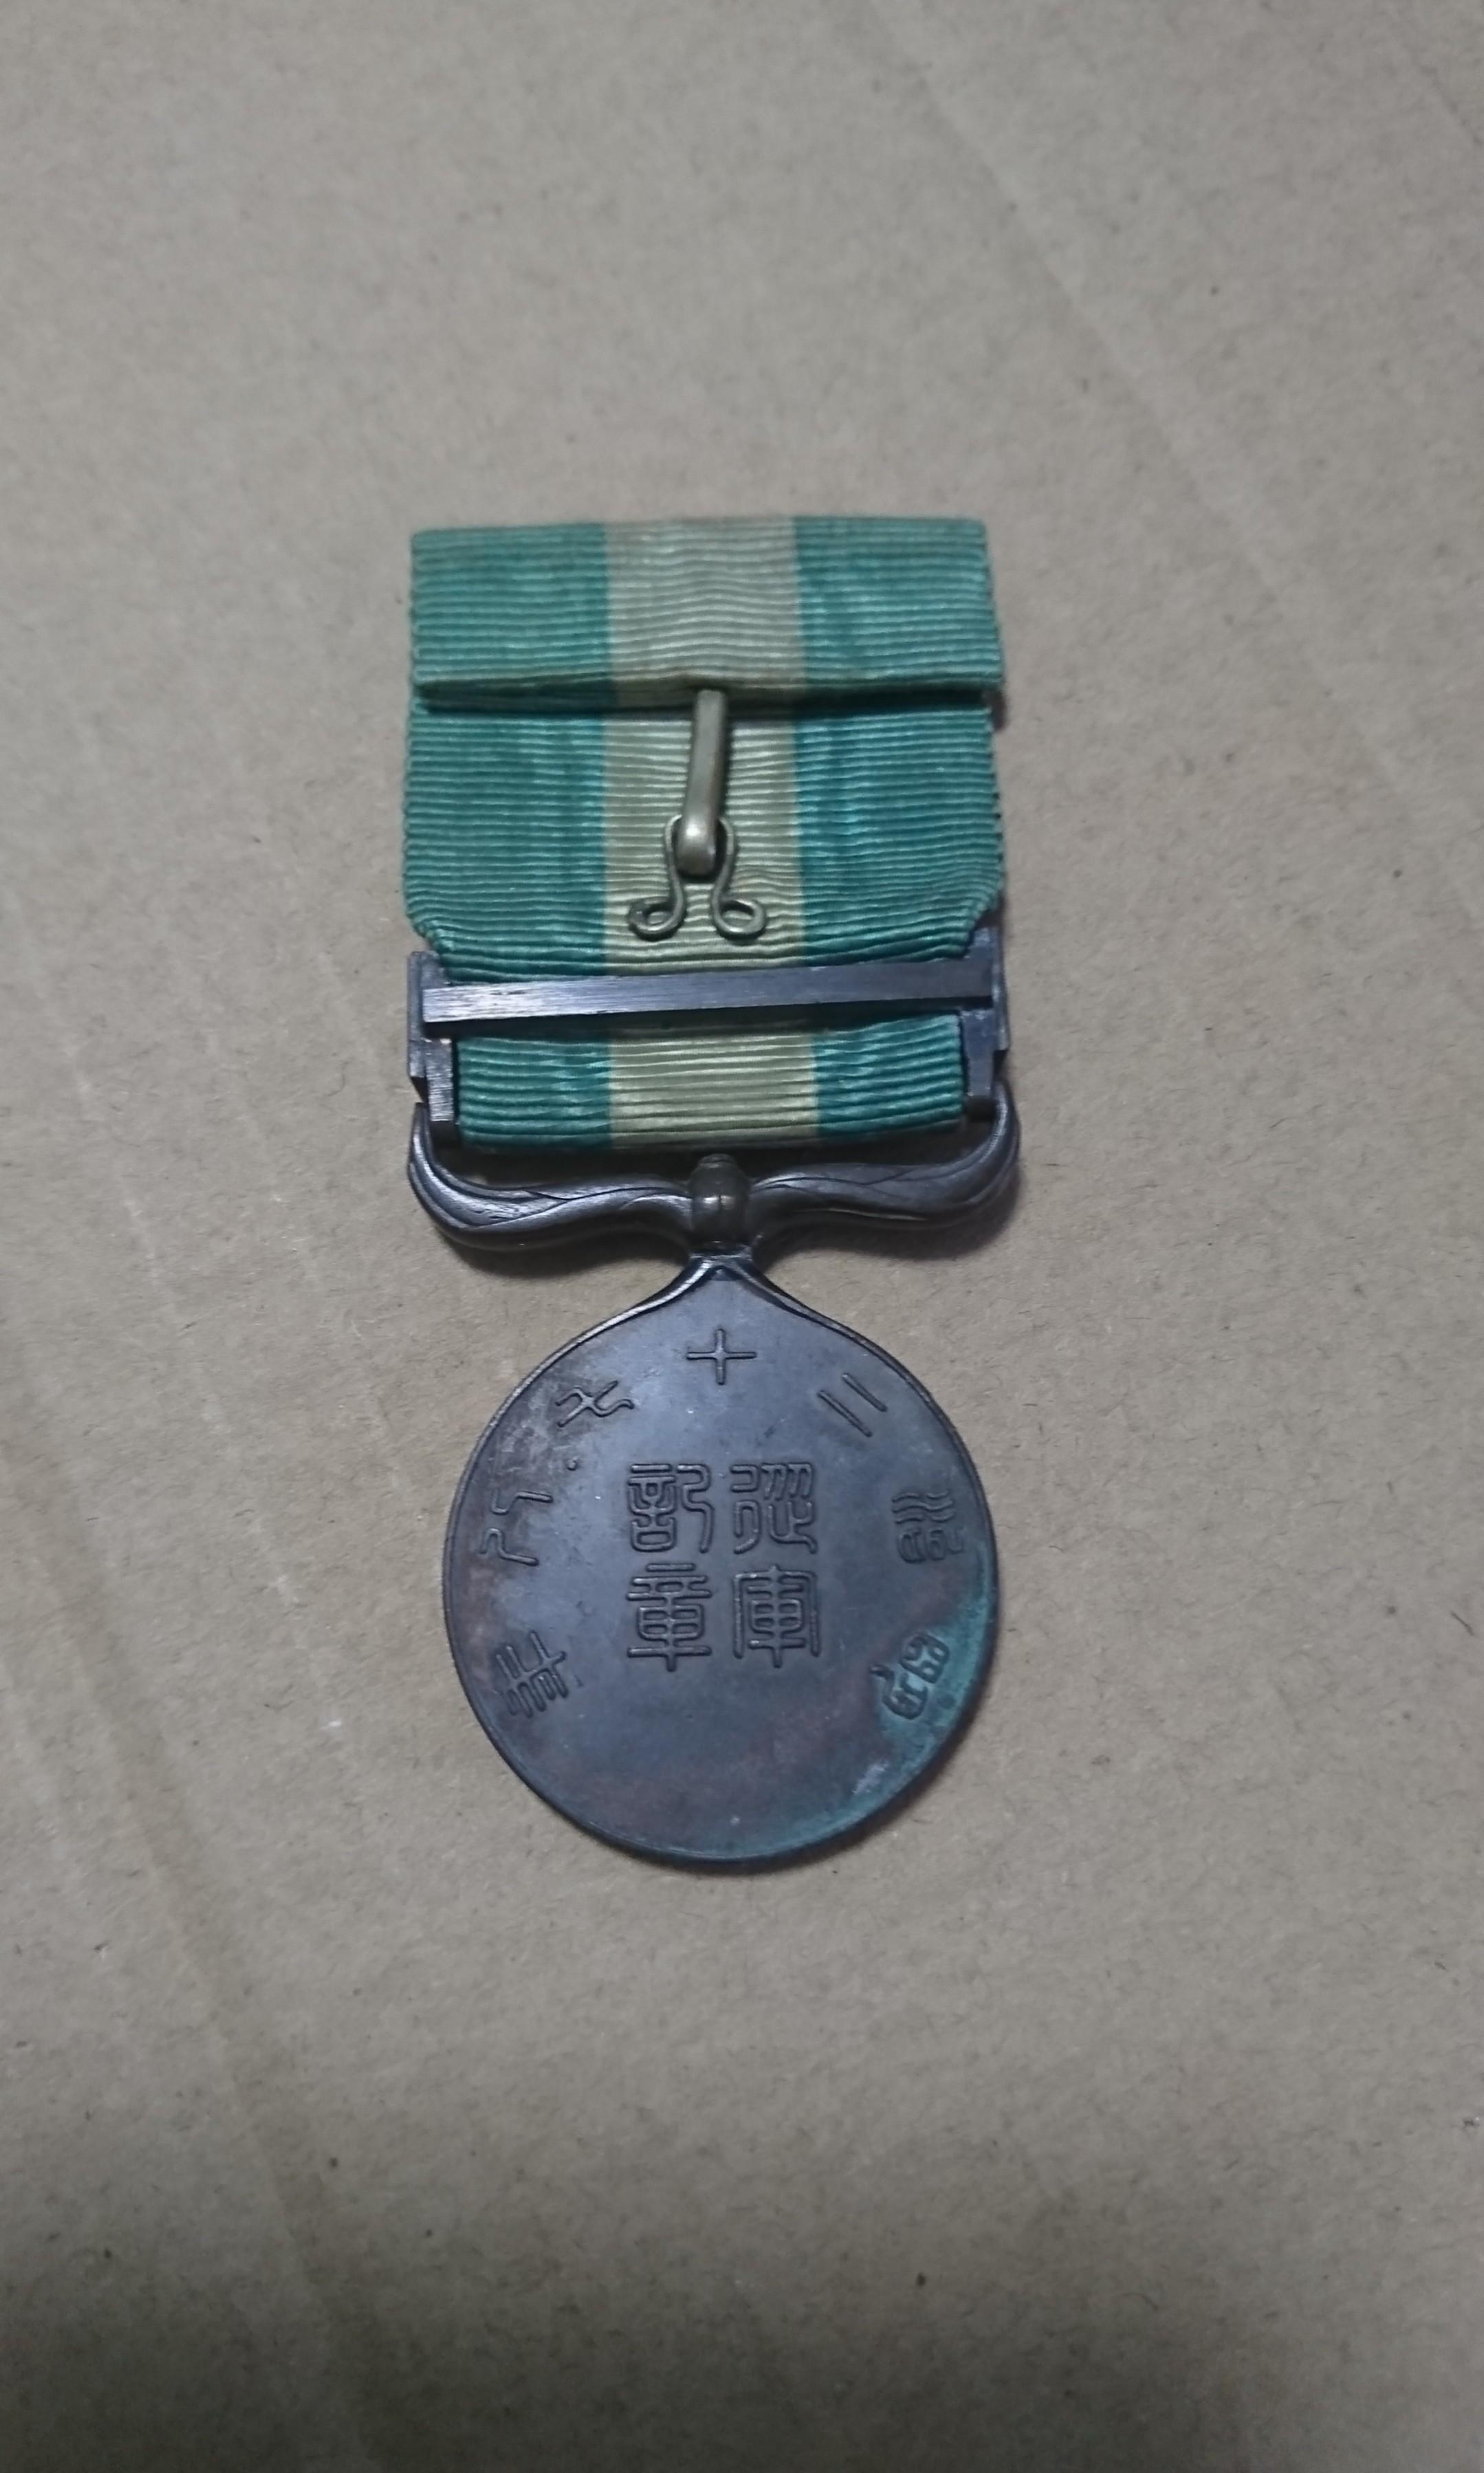 國恥紀念章 1894-1895 清曰戰爭 甲午戰爭 從軍紀念章